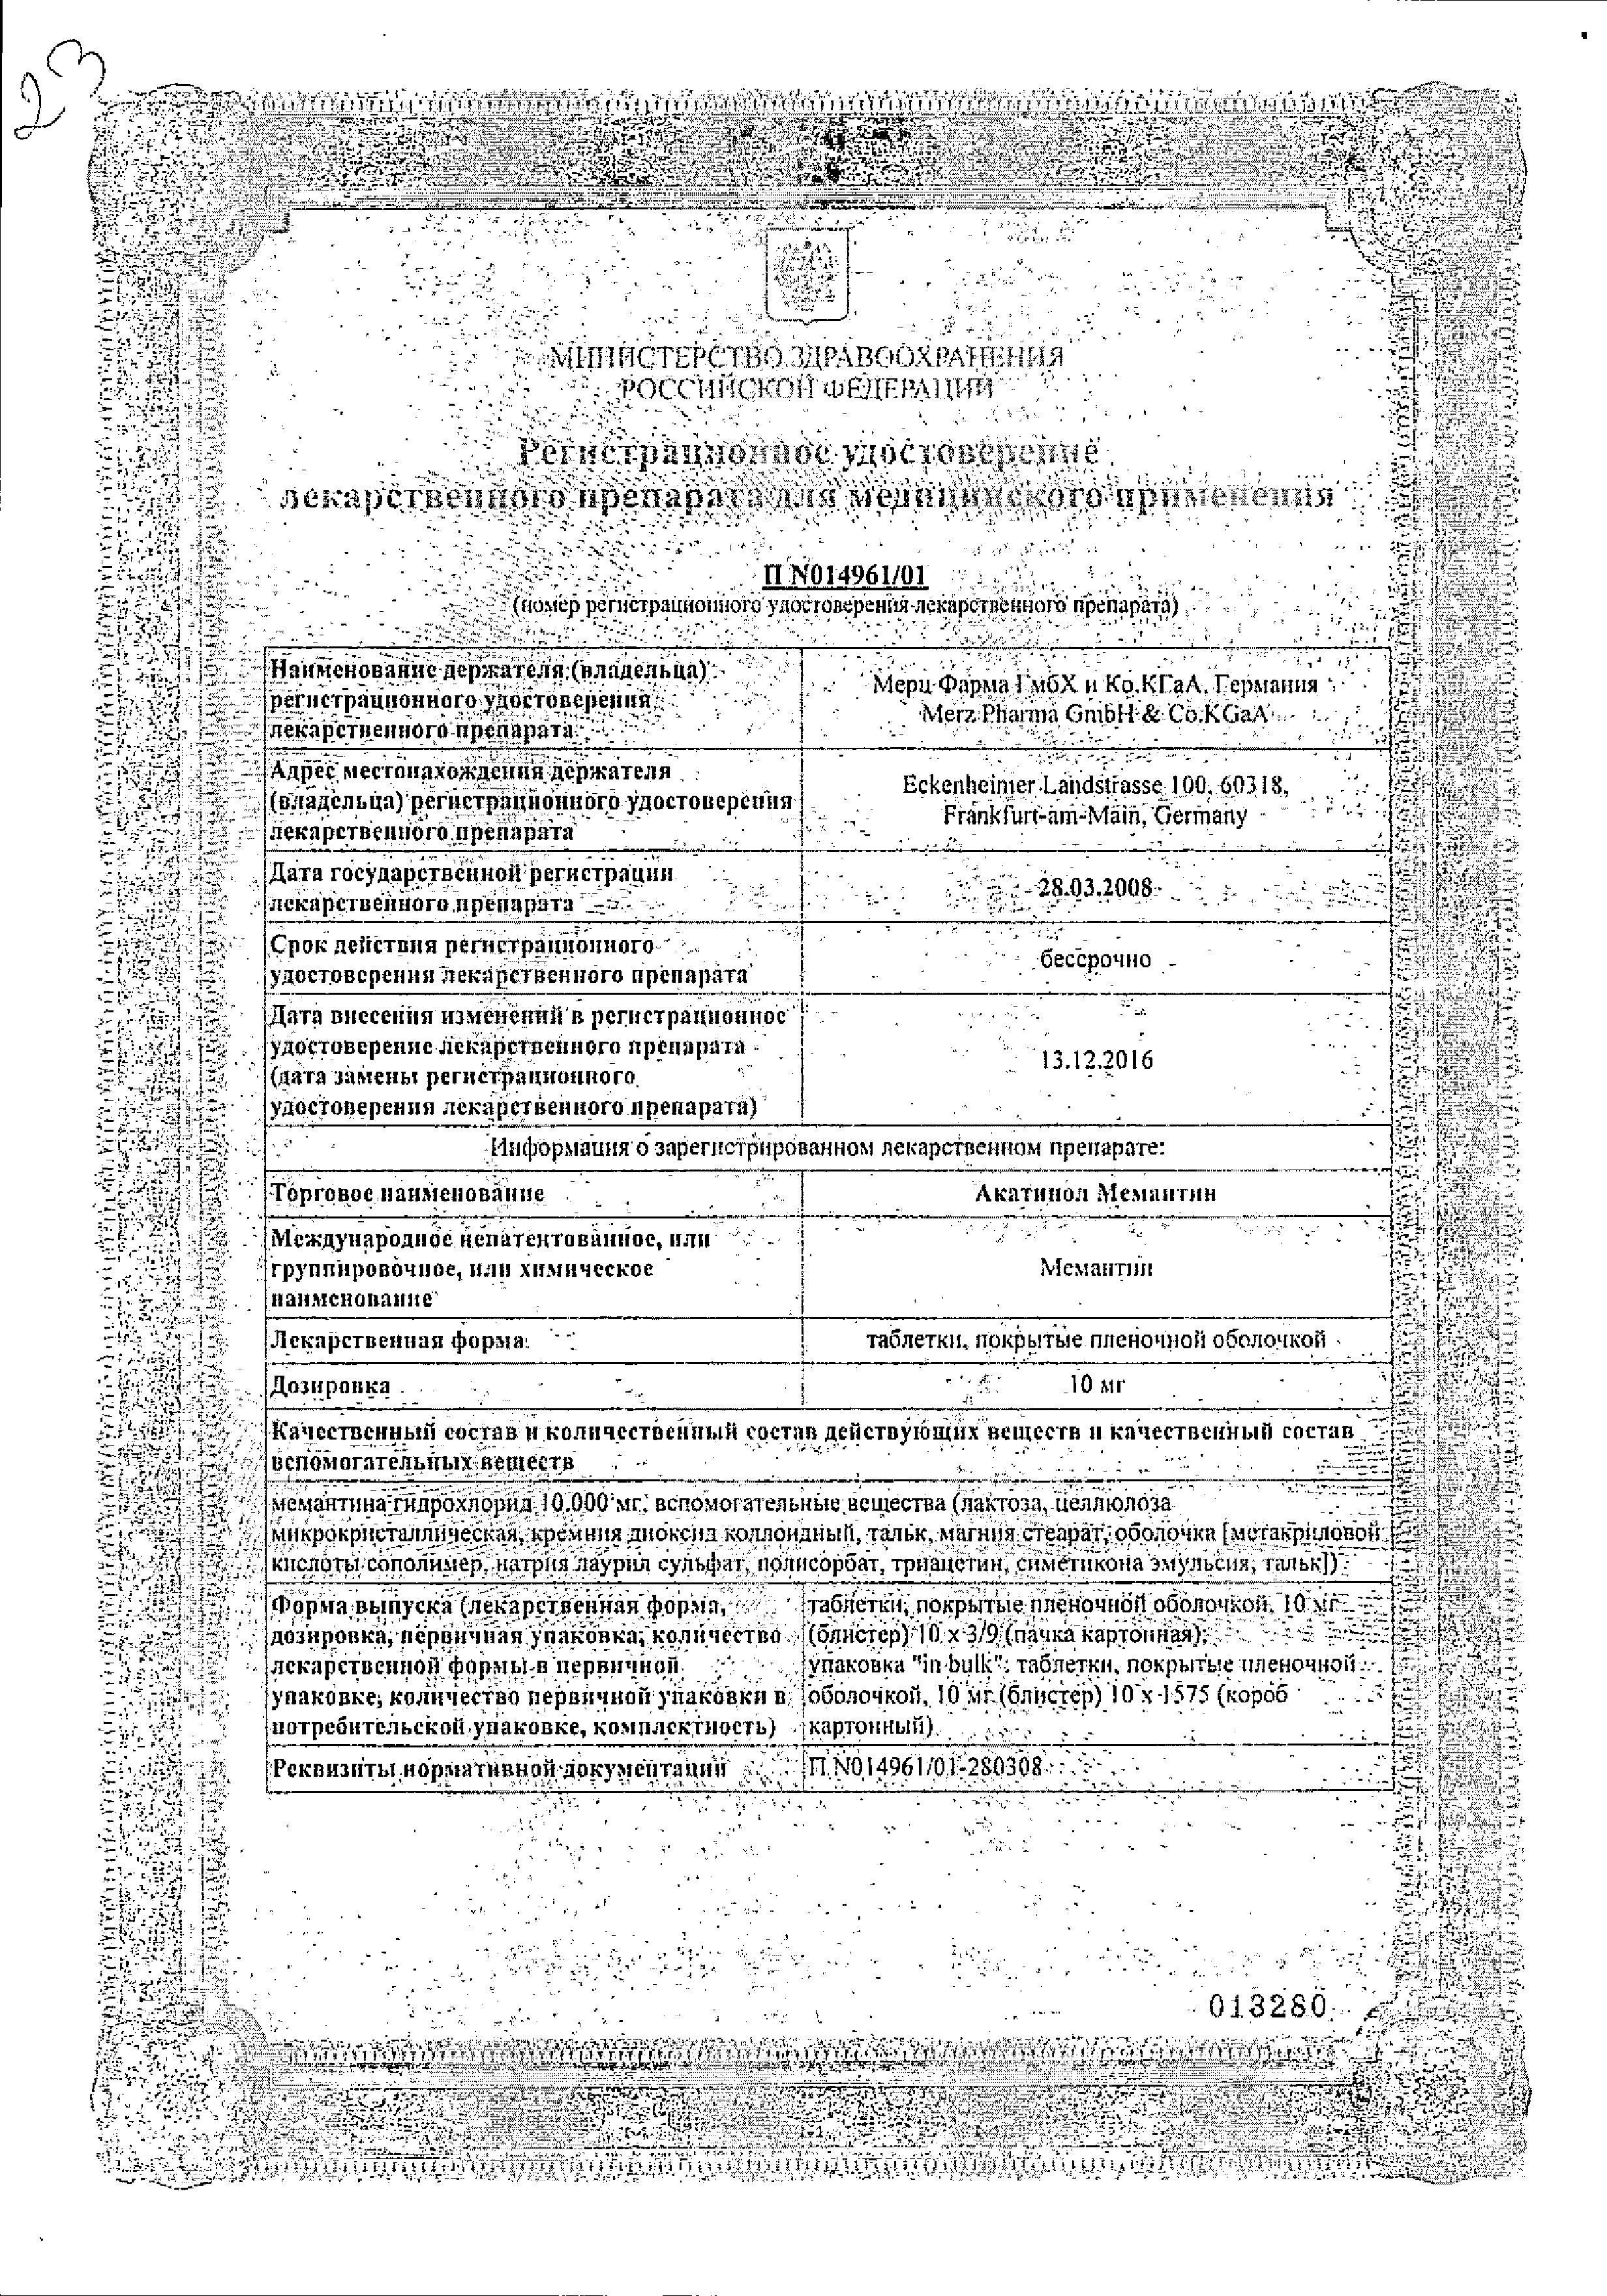 Акатинол Мемантин сертификат